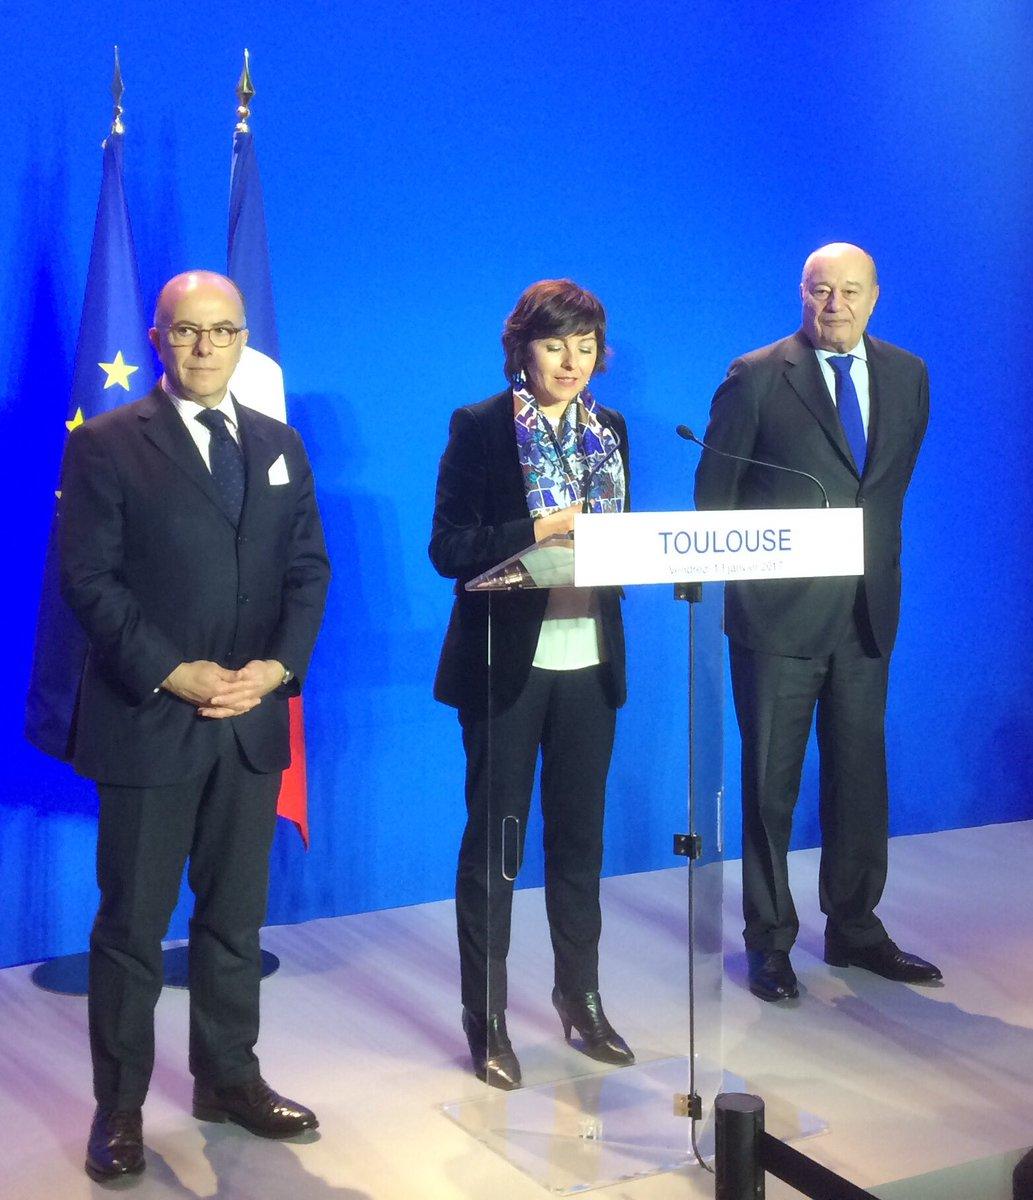 Je suis fière de présenter au Premier Ministre les talents de notre Région qui en font la plus innovante de #France ! #Innovation #Occitanie <br>http://pic.twitter.com/OJ28SdIeNN